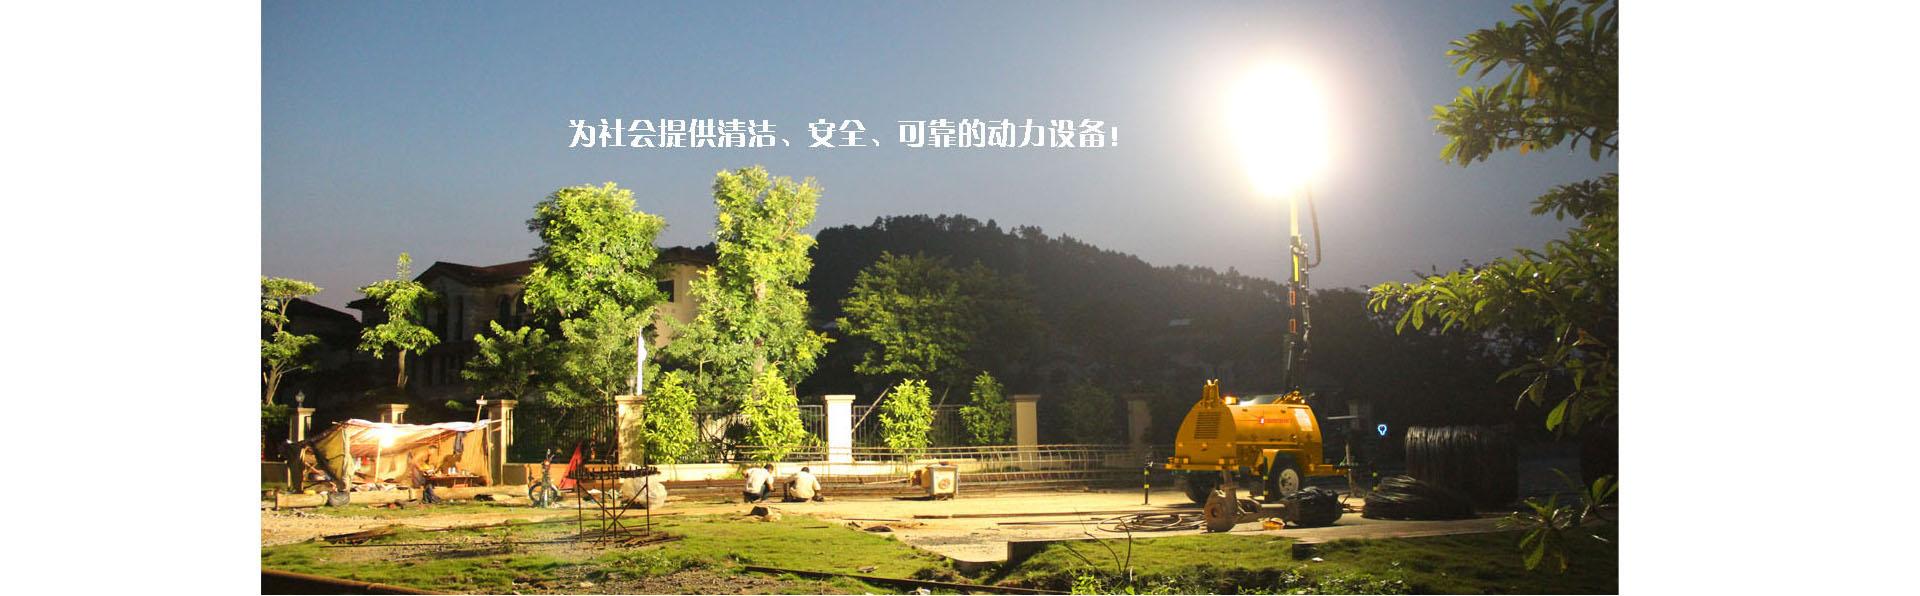 3夜景灯塔黄色